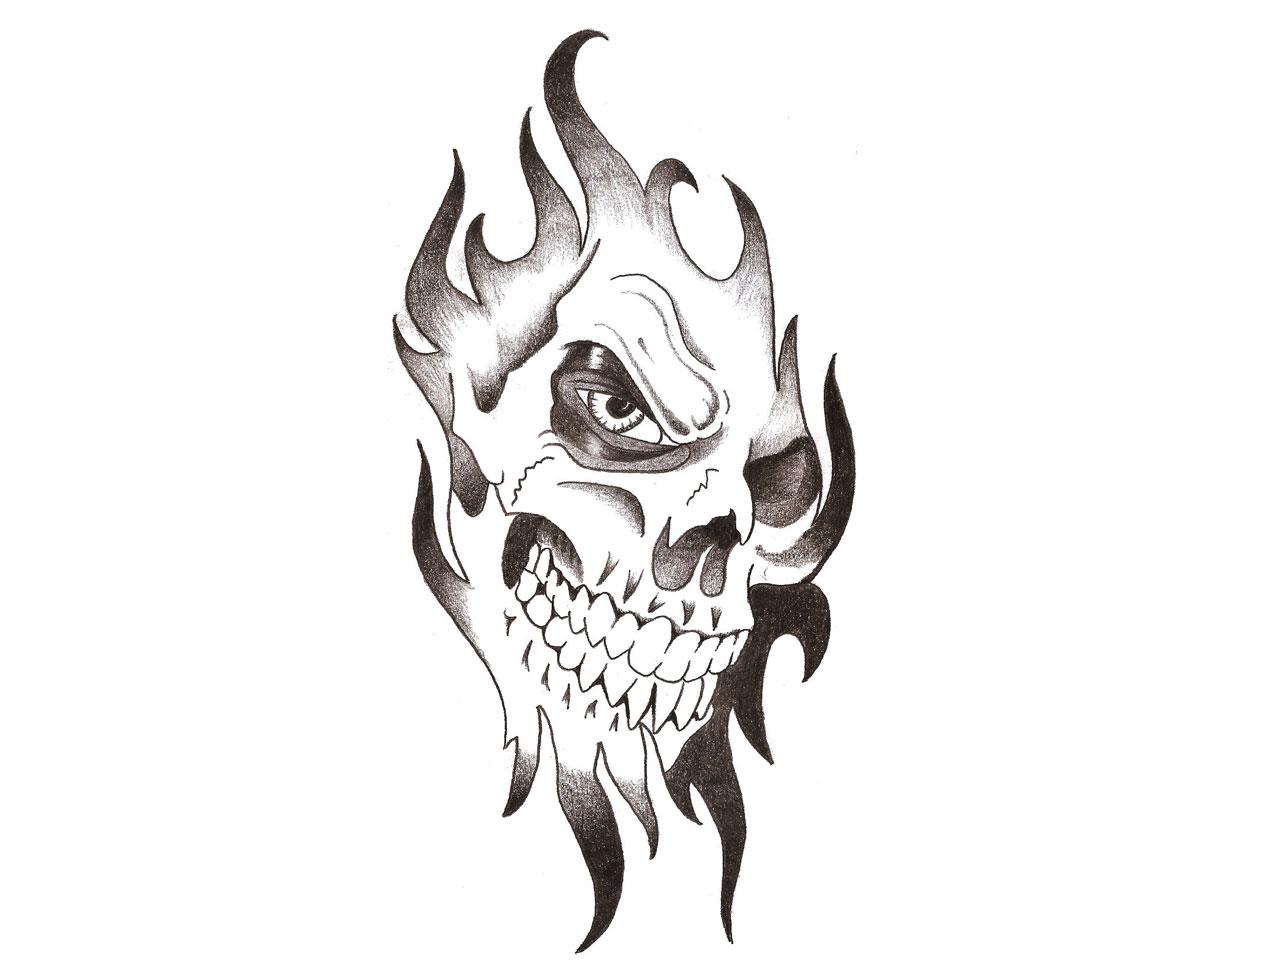 1280x960 Black Crow On Woman Mask Tattoo Design Tattoo Ideas